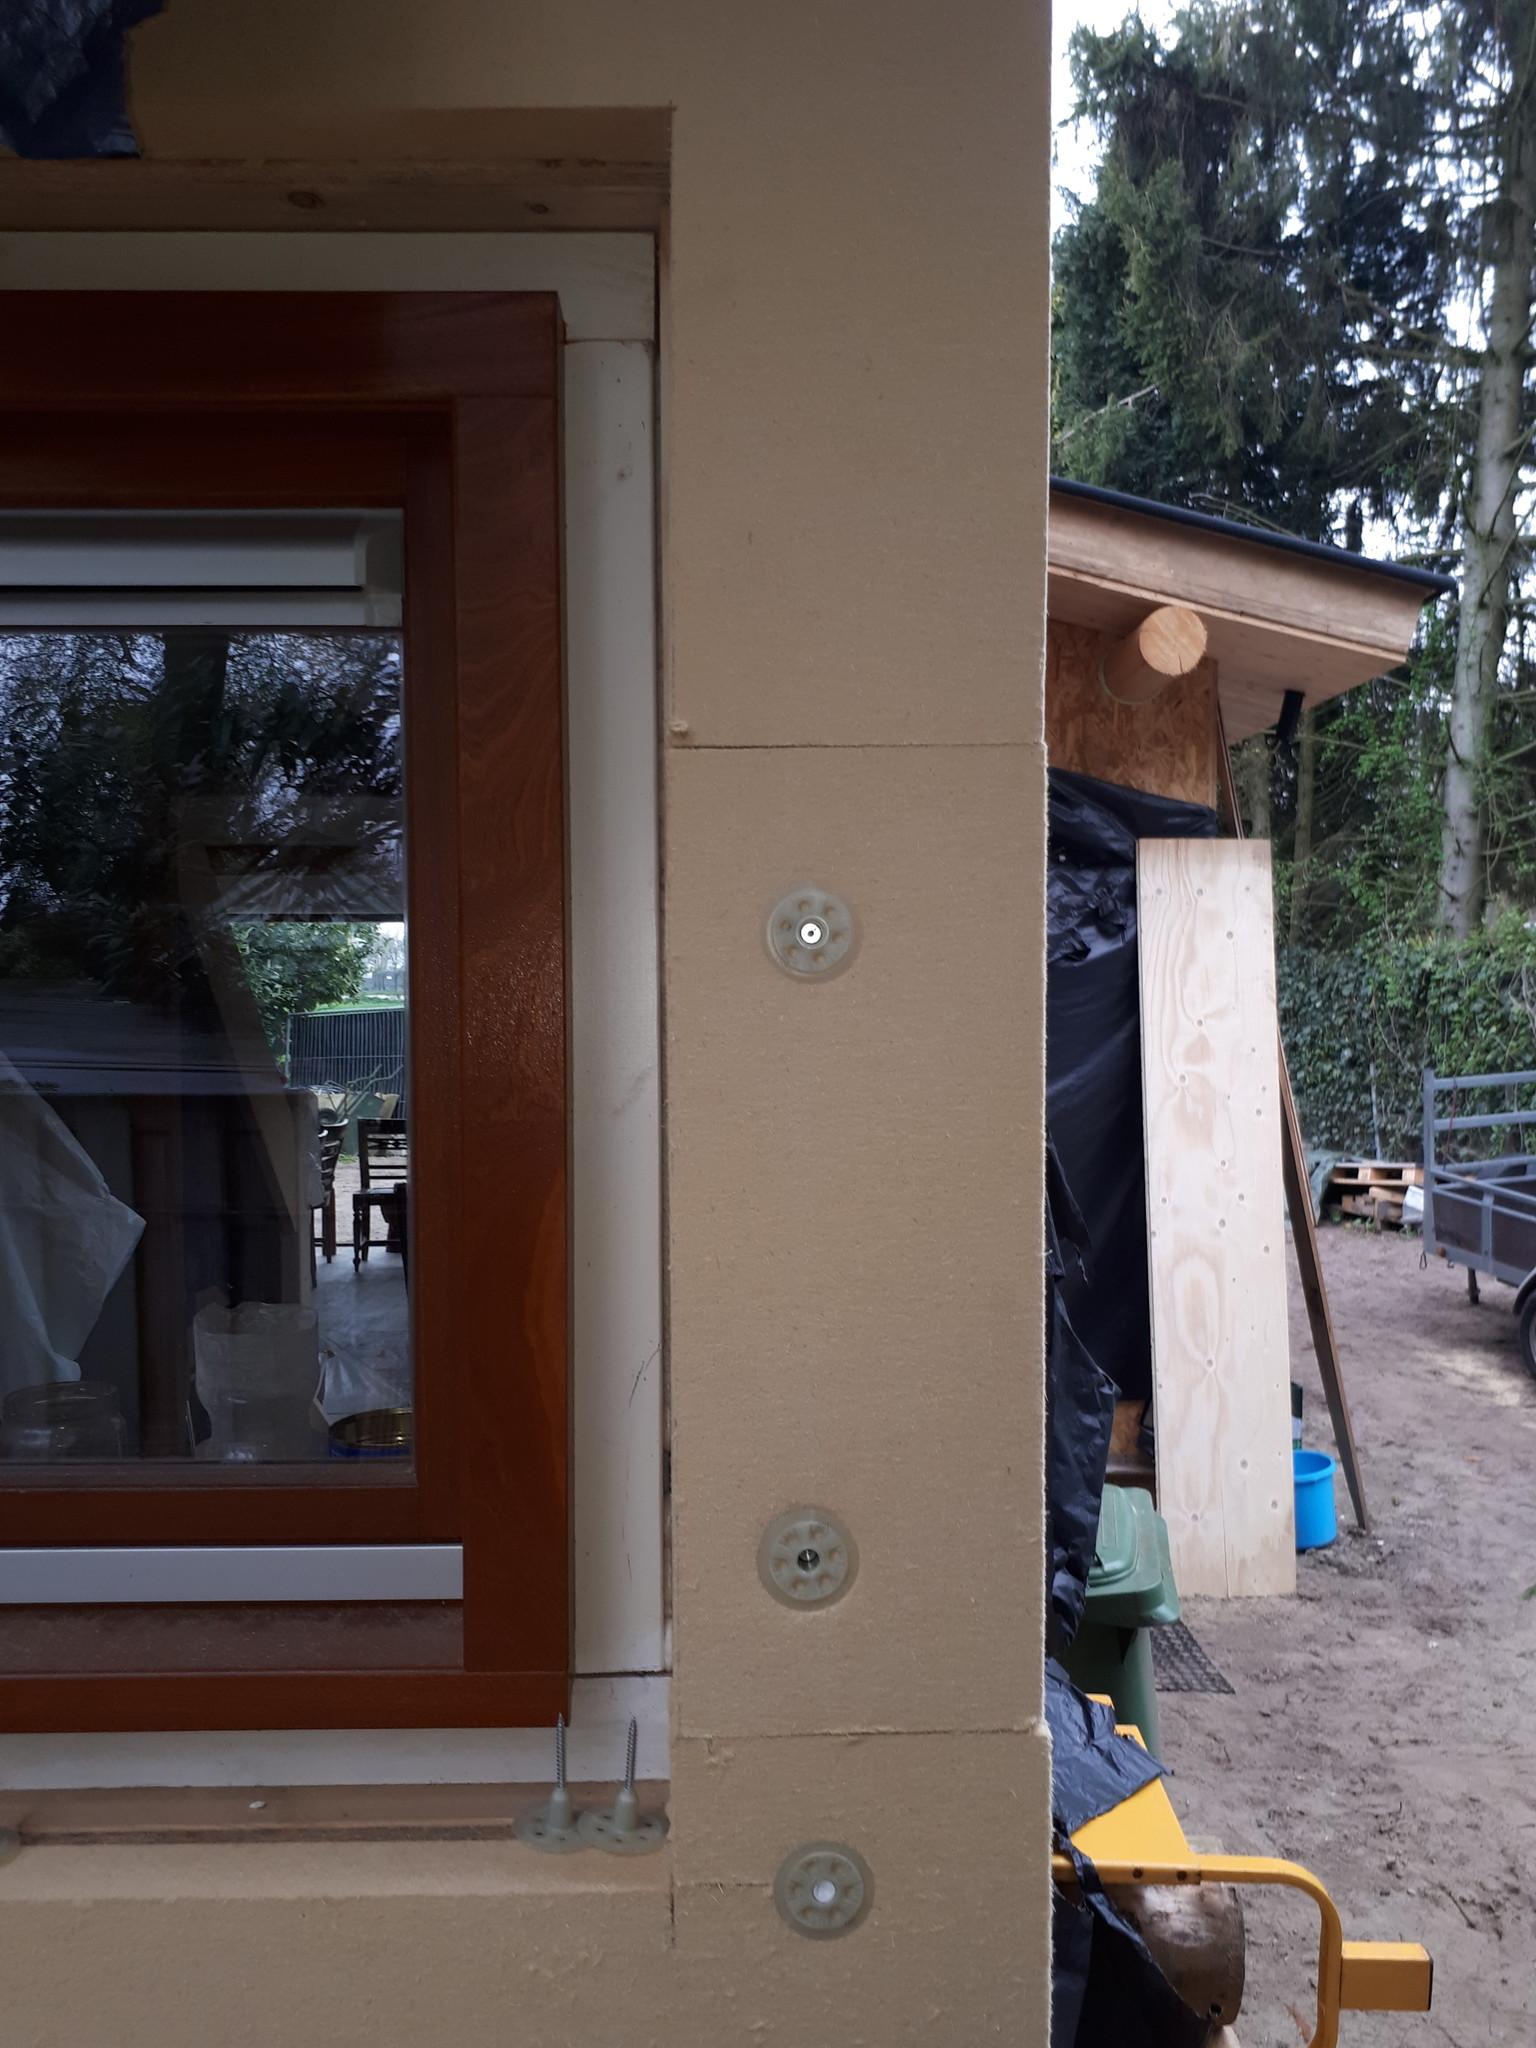 Eco-huis Mike-de-noenes-eco-logisch-leem-kalk-gutex-thermowall-houtvezelisolatie.jpg